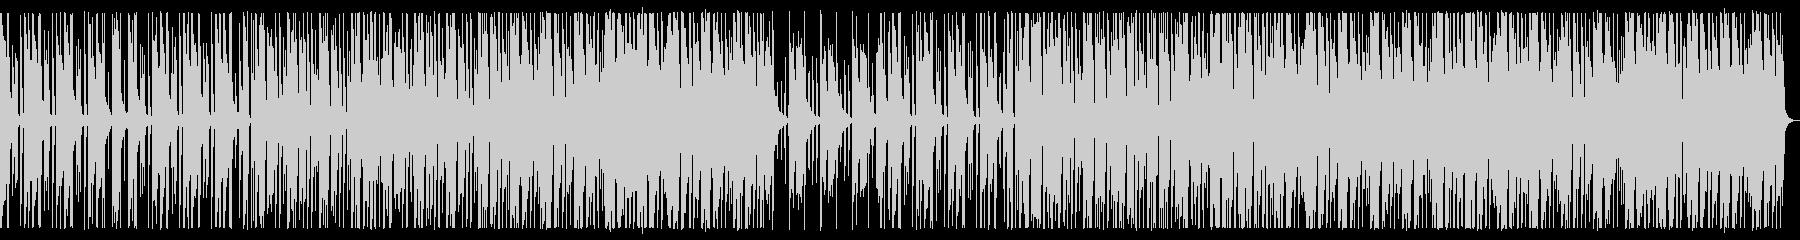 アーバン/都会/R&B_No458_1の未再生の波形